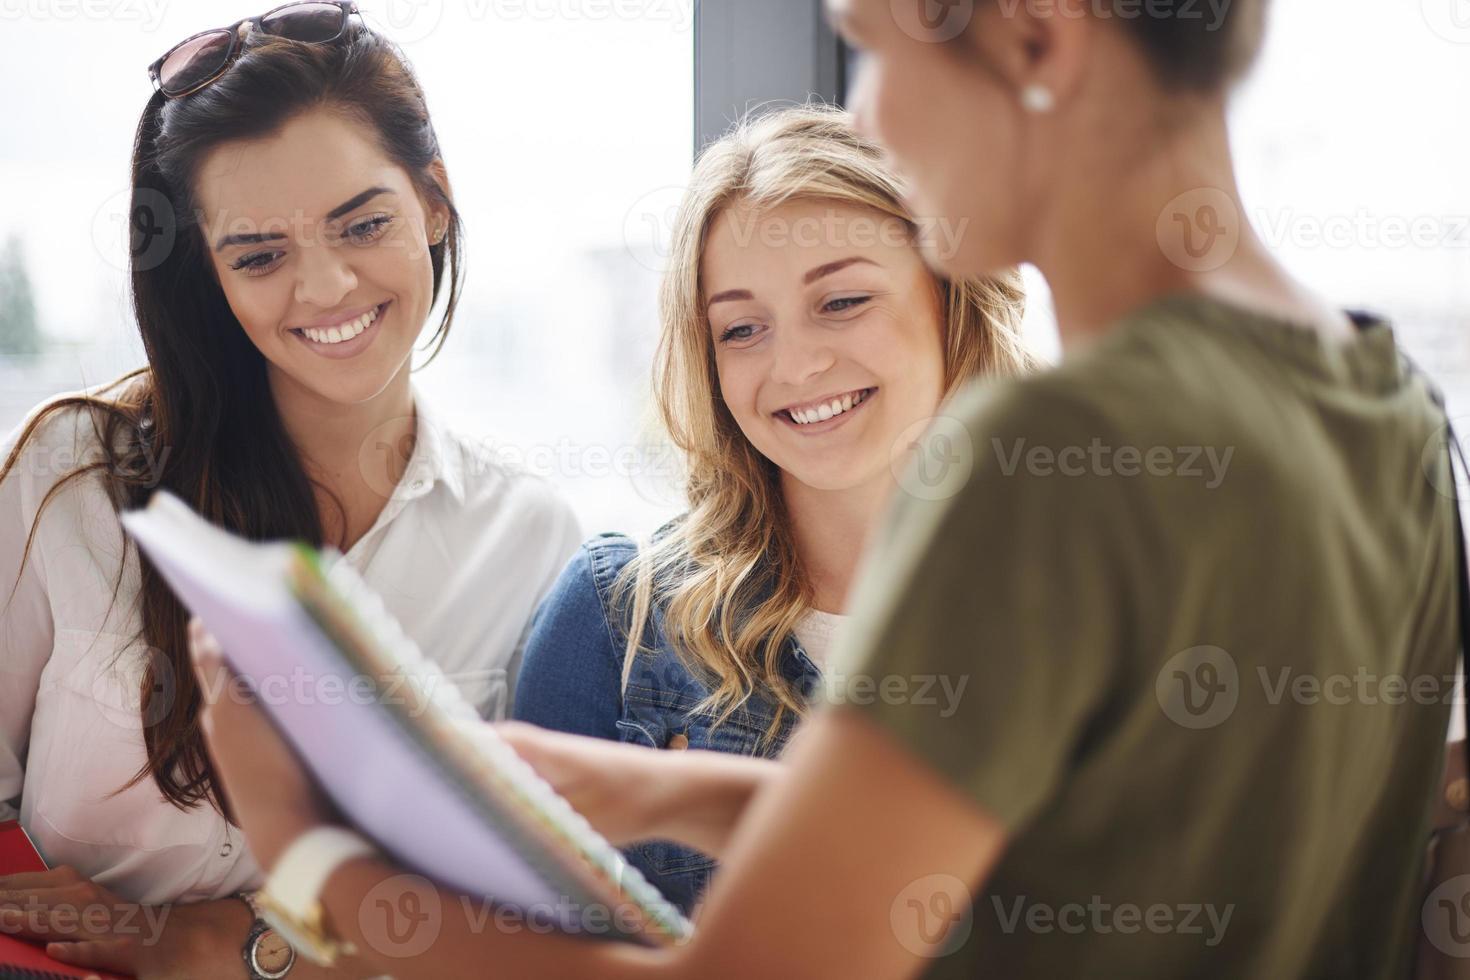 arbetar tillsammans före tentamen foto